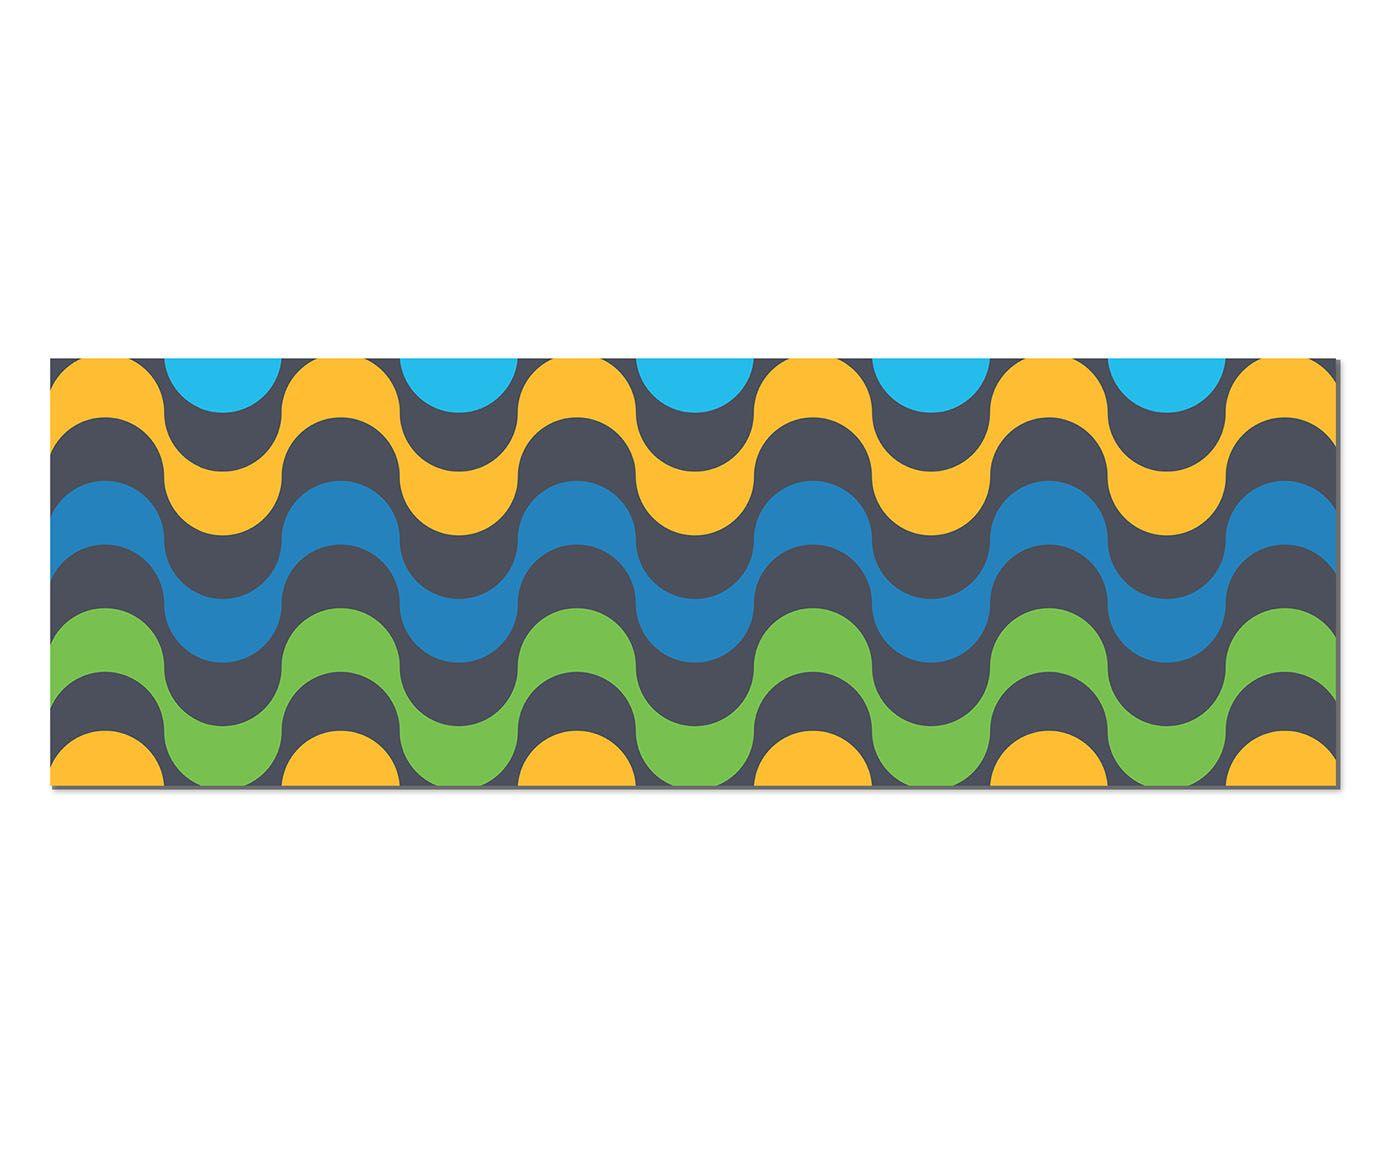 Placa de Madeira Estampada Elstiment - 89X30cm   Westwing.com.br